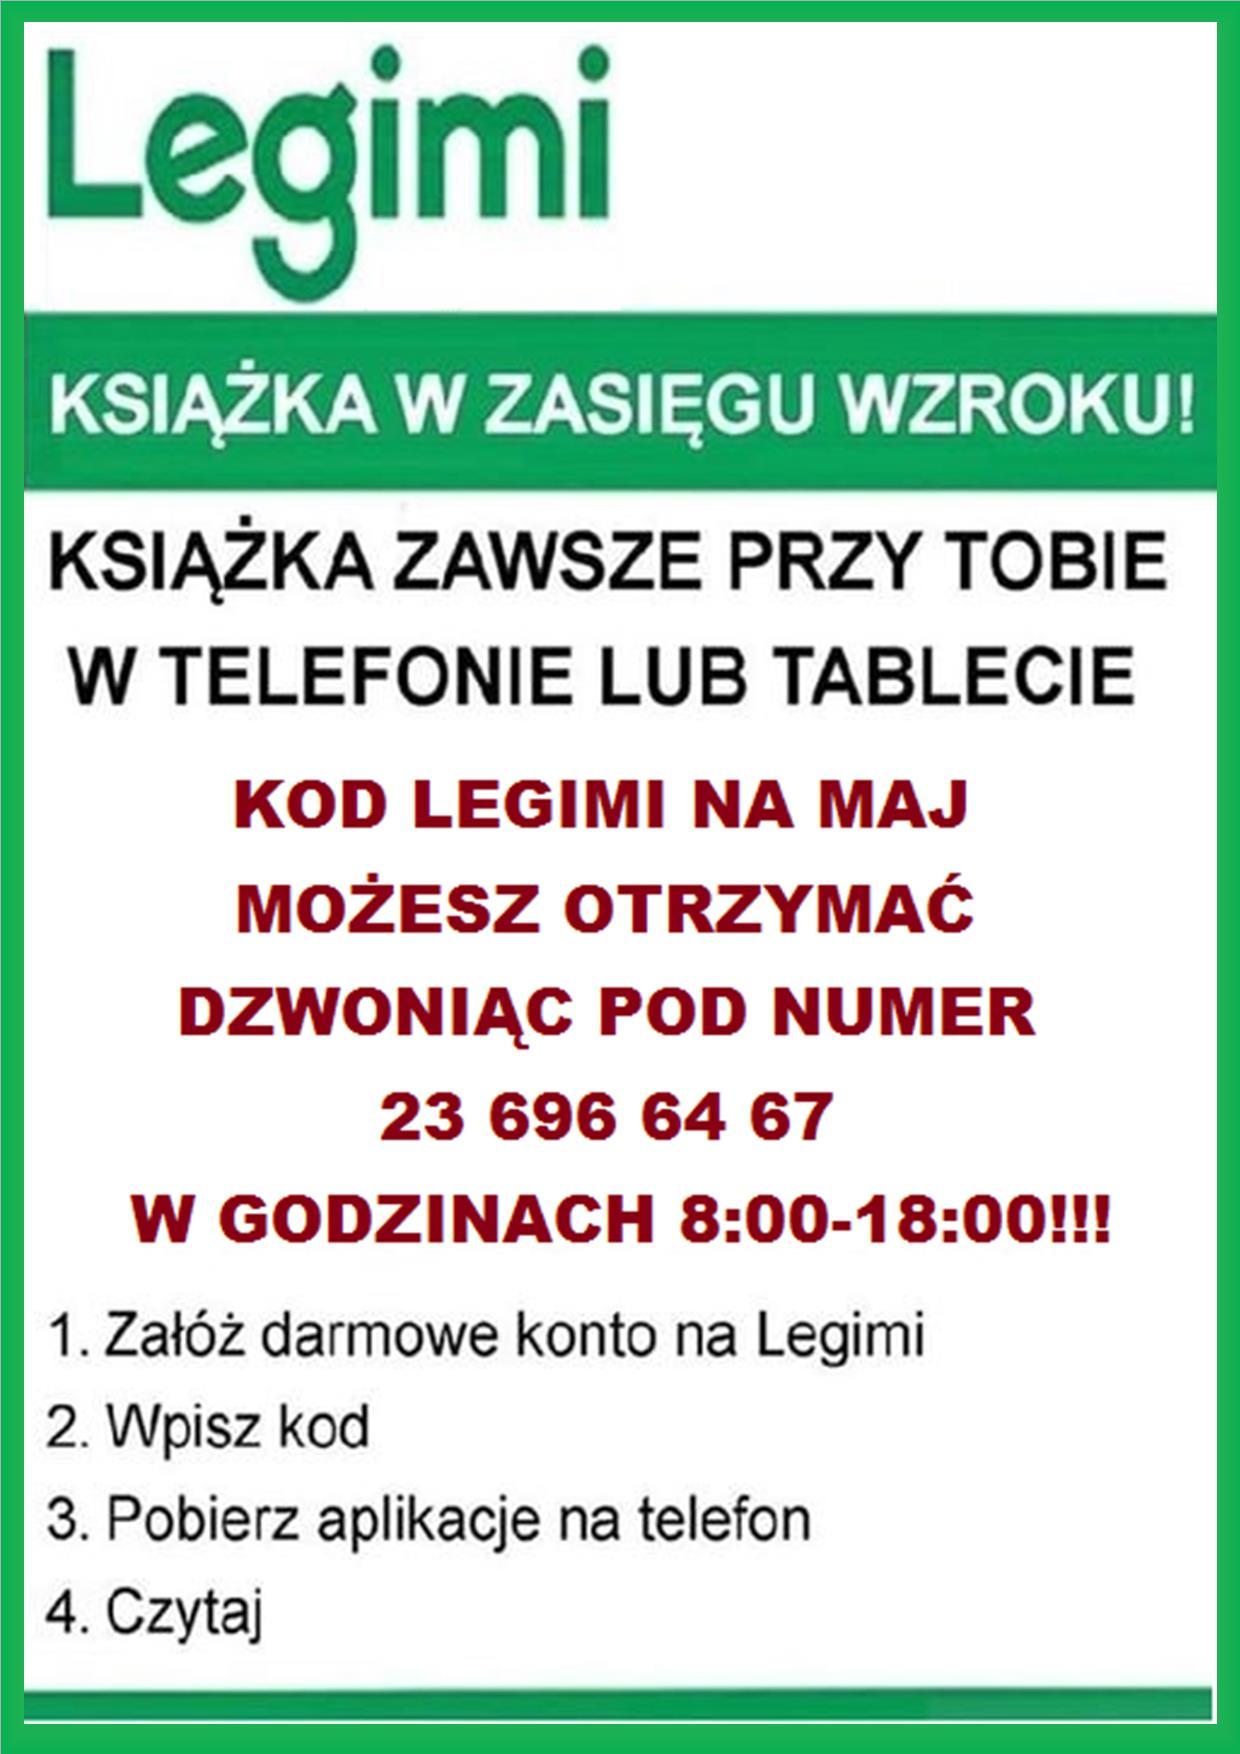 plakat informujący o kodach legimi na maj